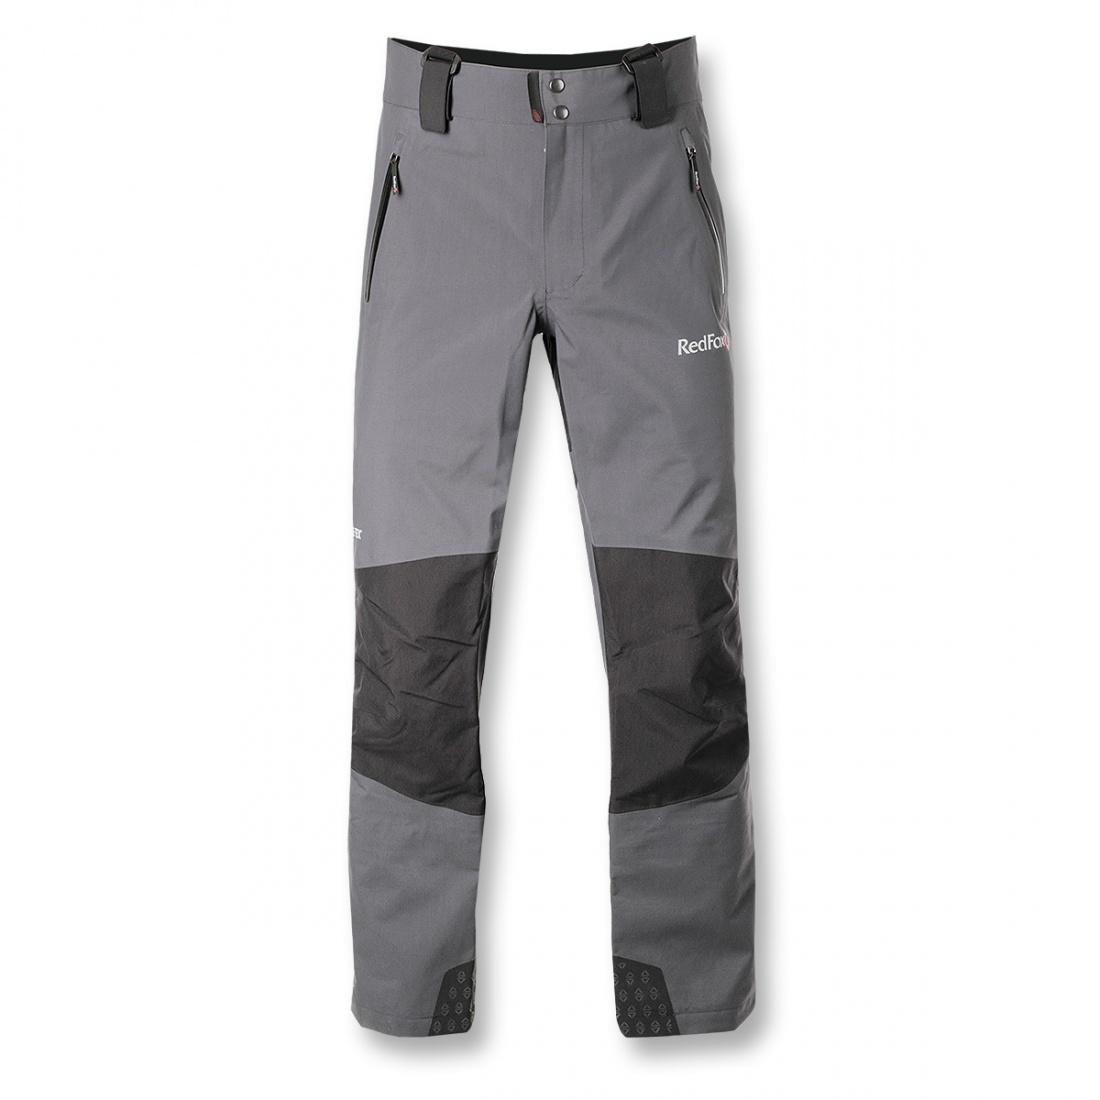 Брюки ветрозащитные X5 GTXБрюки, штаны<br>Экспедиционные мужские штормовые брюки-самосбросы для альпинизма. Штормовые брюки из серии Pro Line идут в комплекте с курткой...<br><br>Цвет: Серый<br>Размер: 56